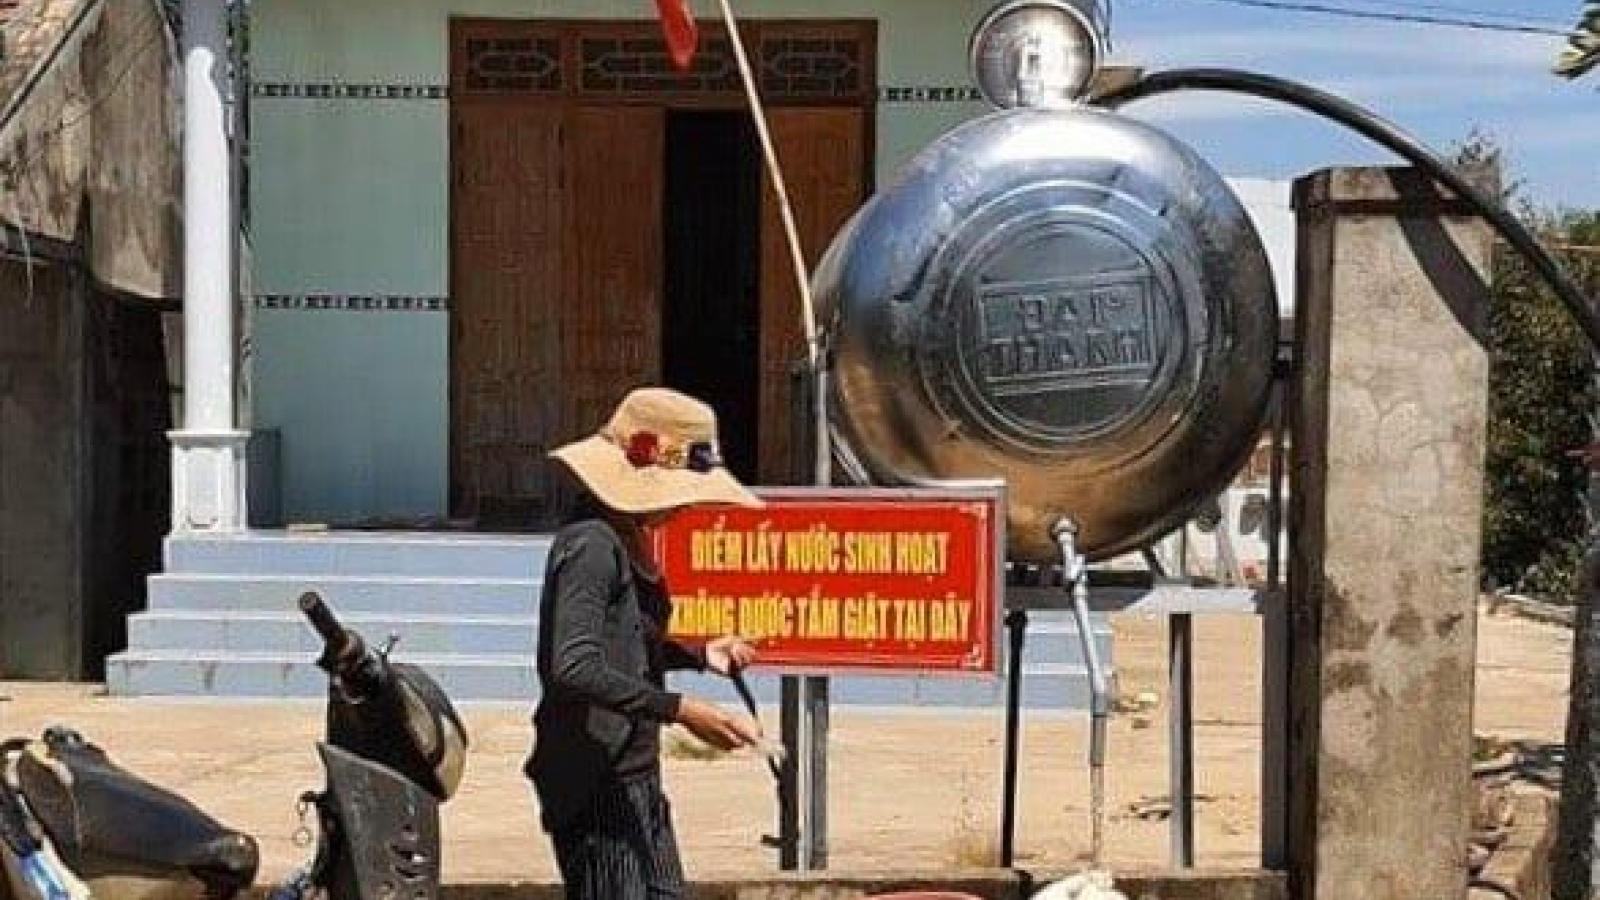 26.000 hộ dân ở Khánh Hòa có nguy cơ thiếu nước sinh hoạt